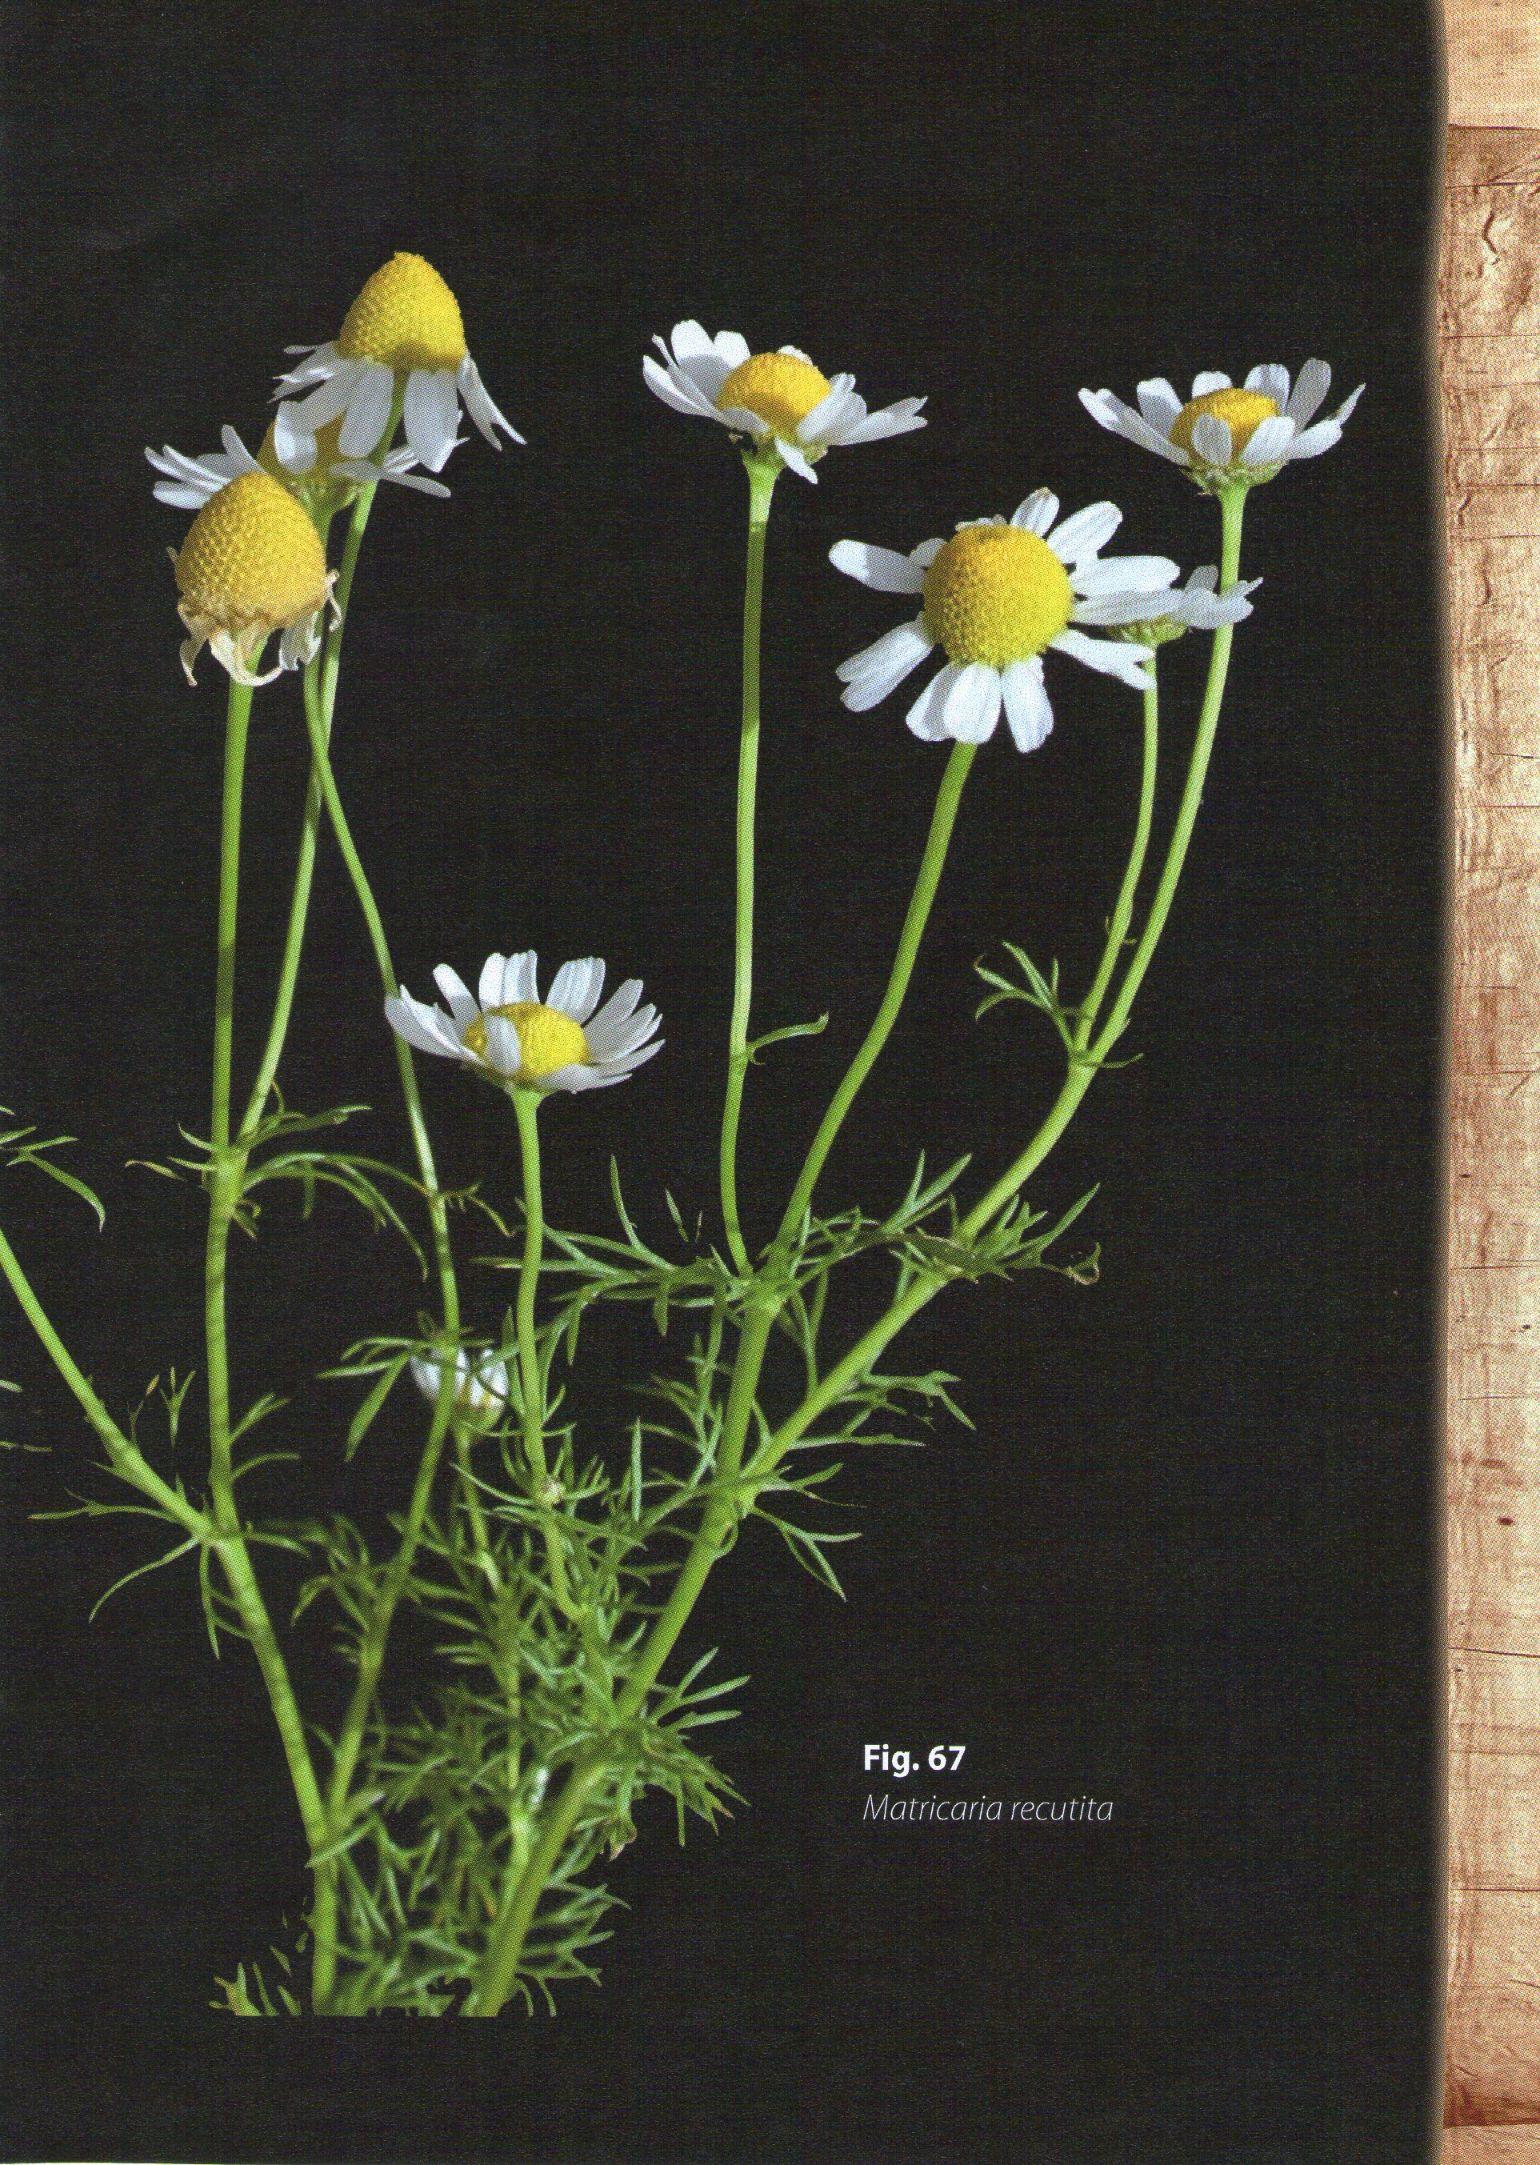 Photo 5. Figure 67 Anthemis bornmuellerii